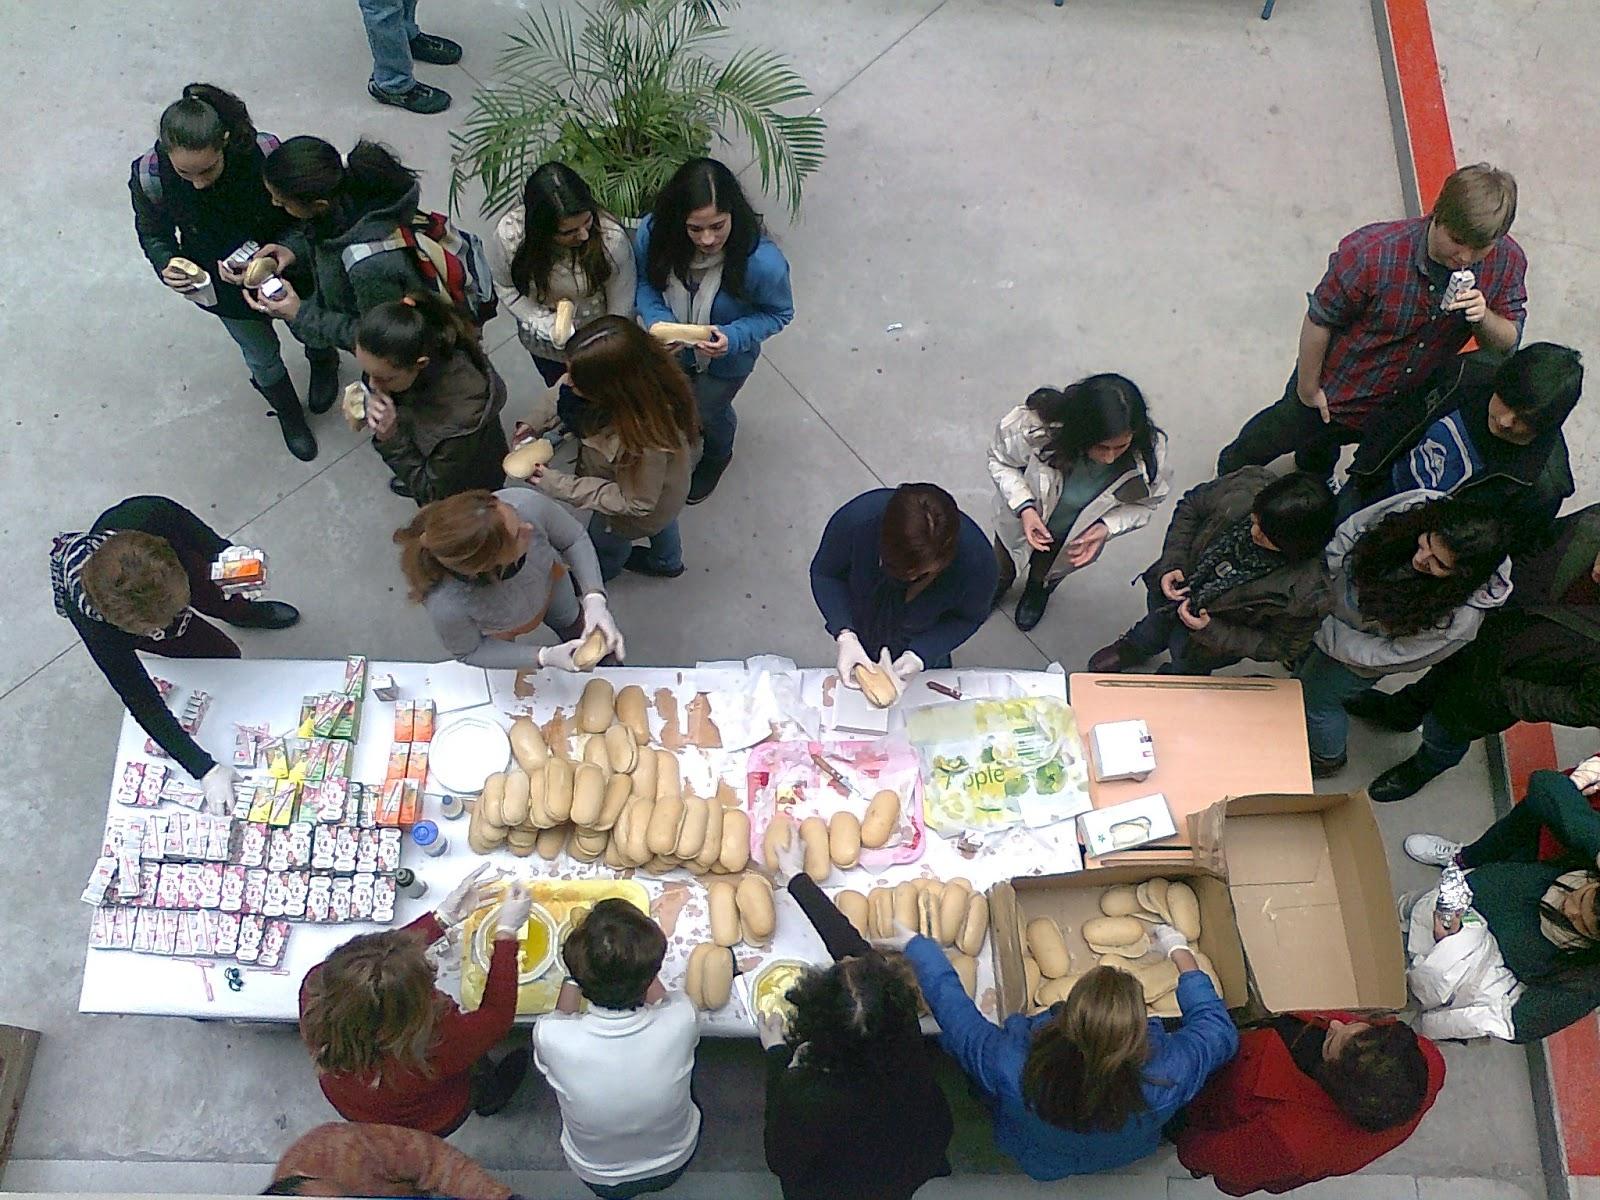 InvitaciÓn A Desayuno DÍa De Las Madres: ENTRELIBROS / LARIOS PERCHEL: Febrero 2013